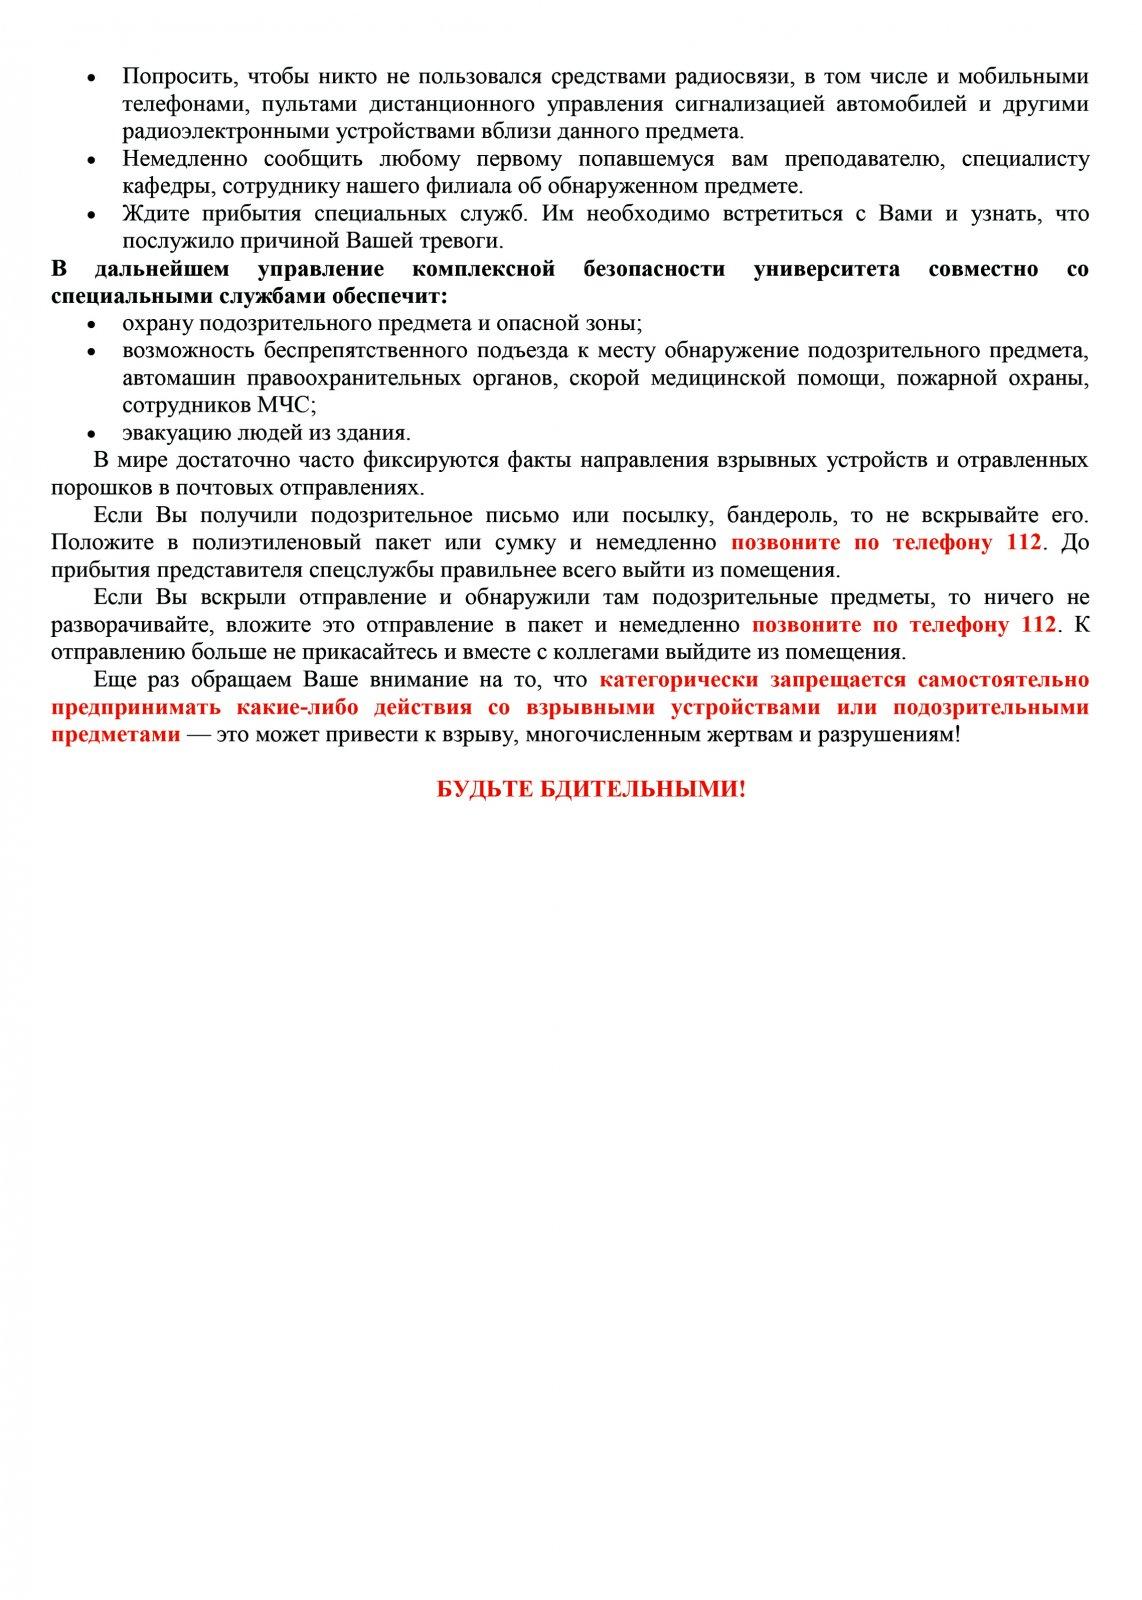 ПАМЯТКА-ДЛЯ-СТУДЕНТОВ-2